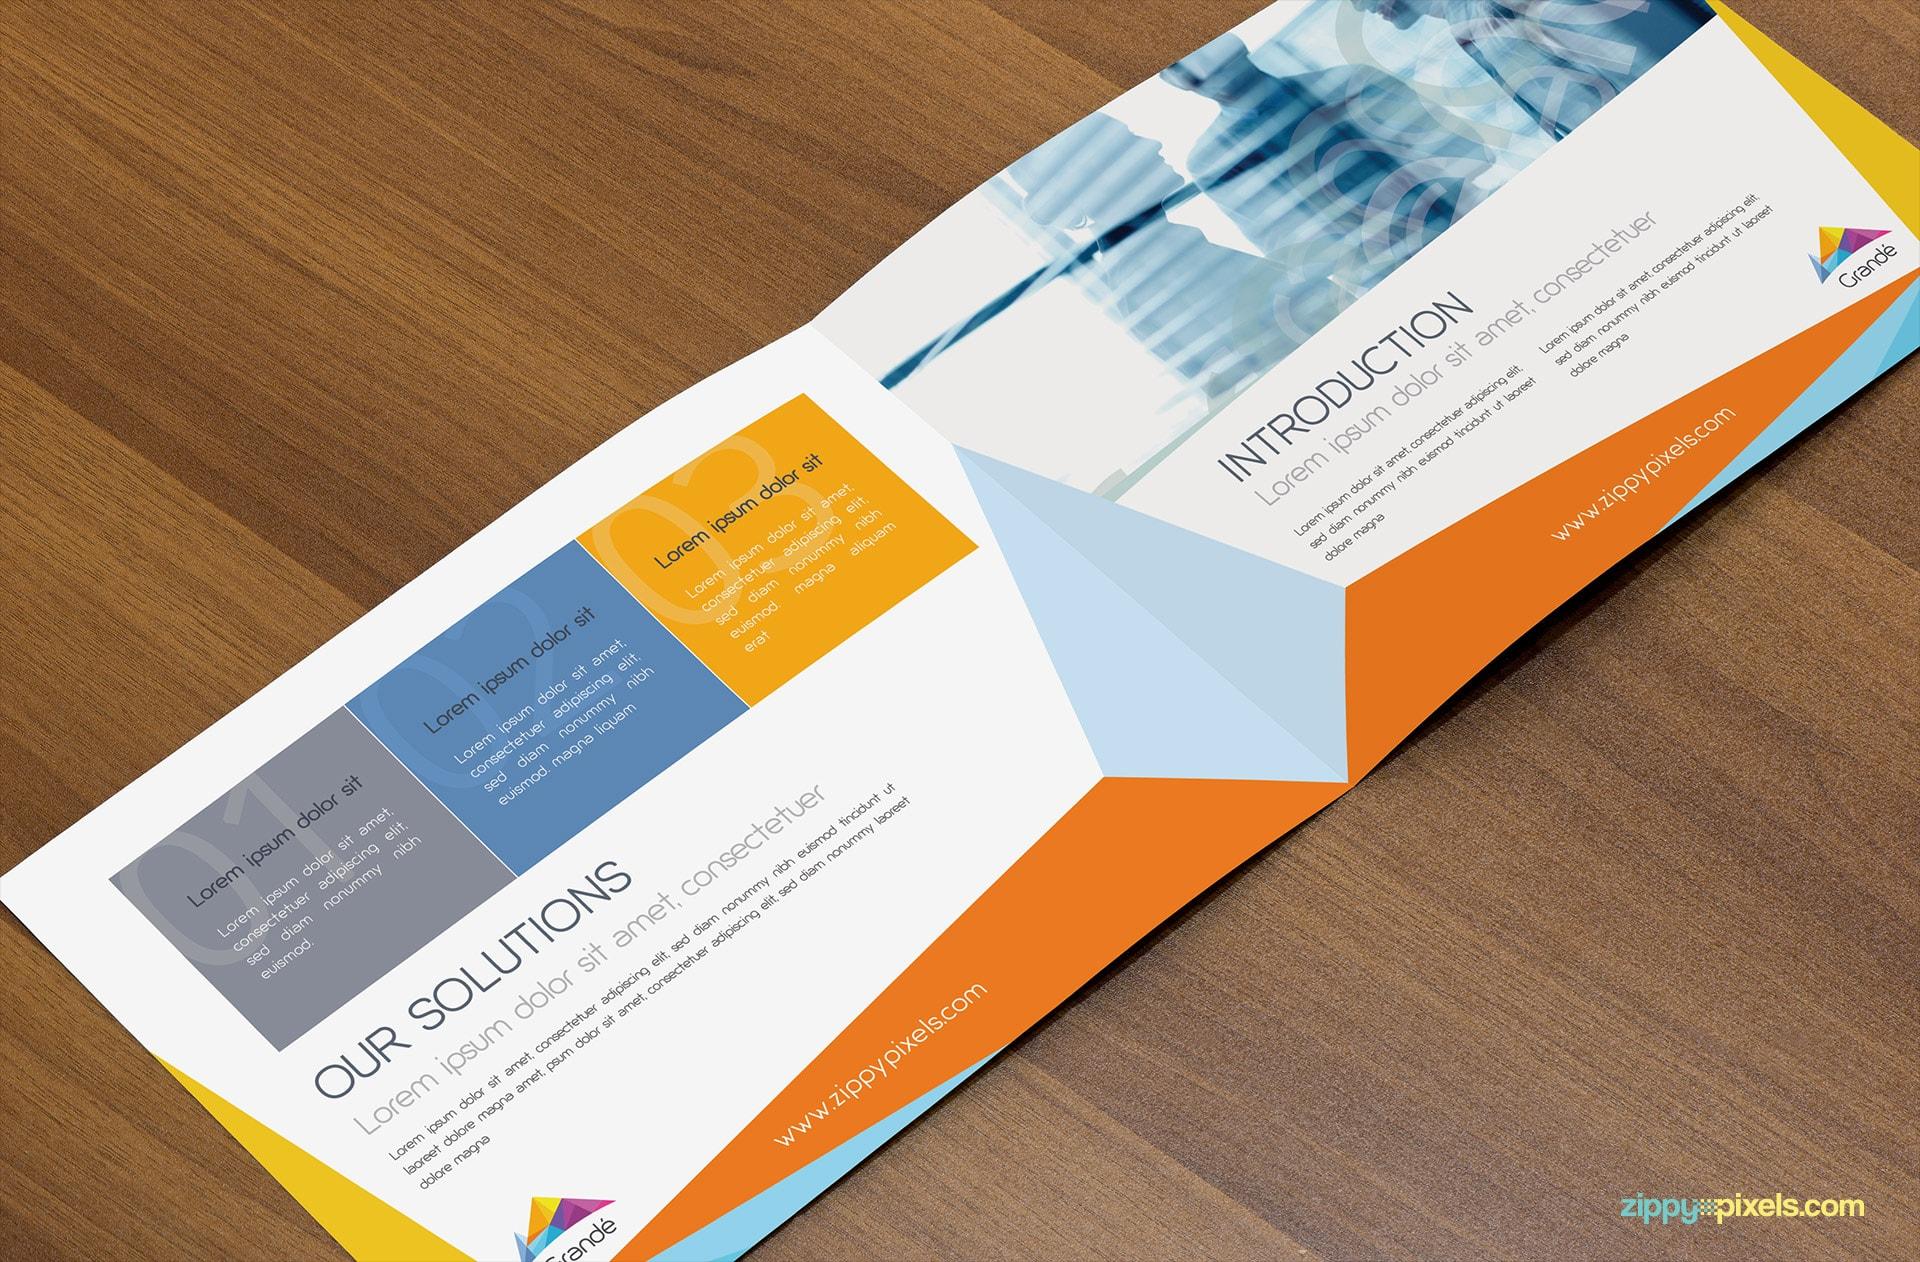 print-material-mockup-5613-824x542